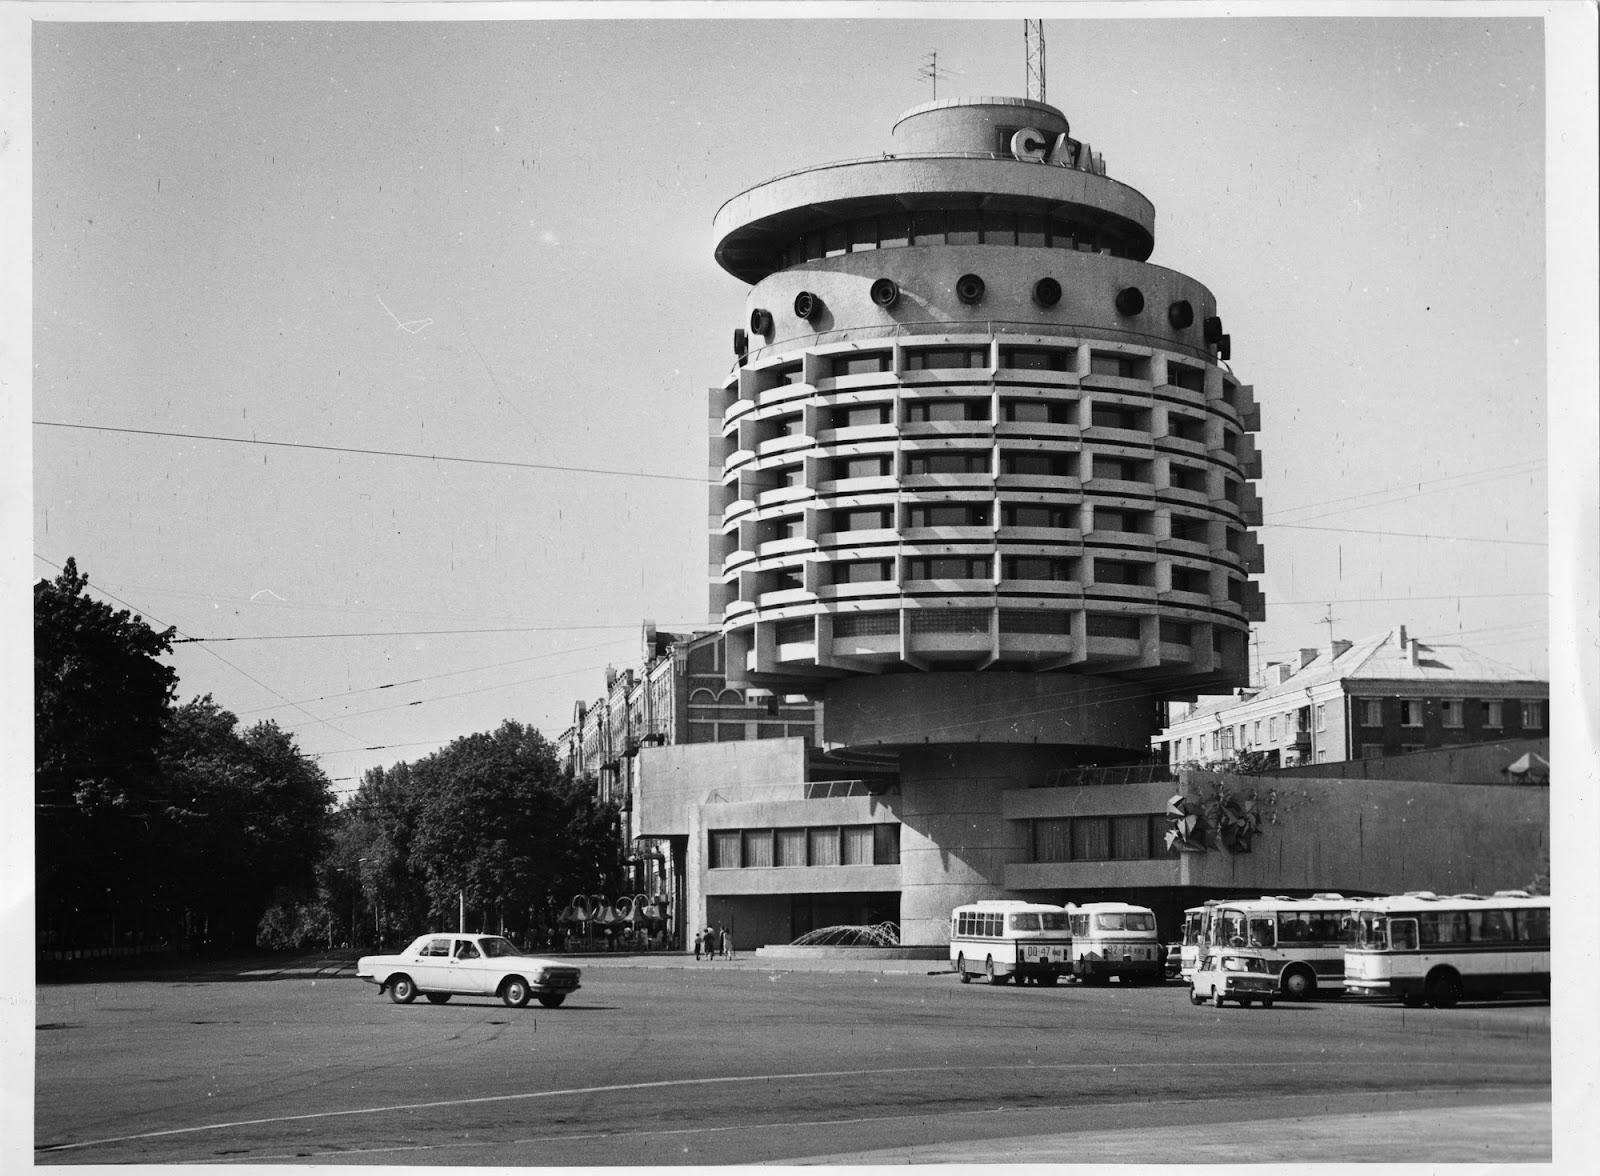 Отель «Салют», Киев.Архитекторы: А. Милецкий, Н.И. Логоцкая, В.Г. Шевченко, 1982–1984 годы